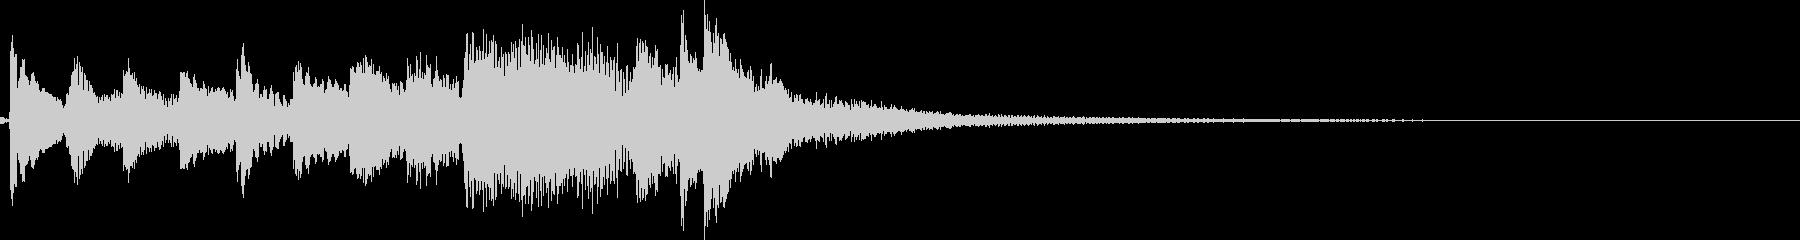 シンプルで繊細、雅な琴ジングル7秒の未再生の波形